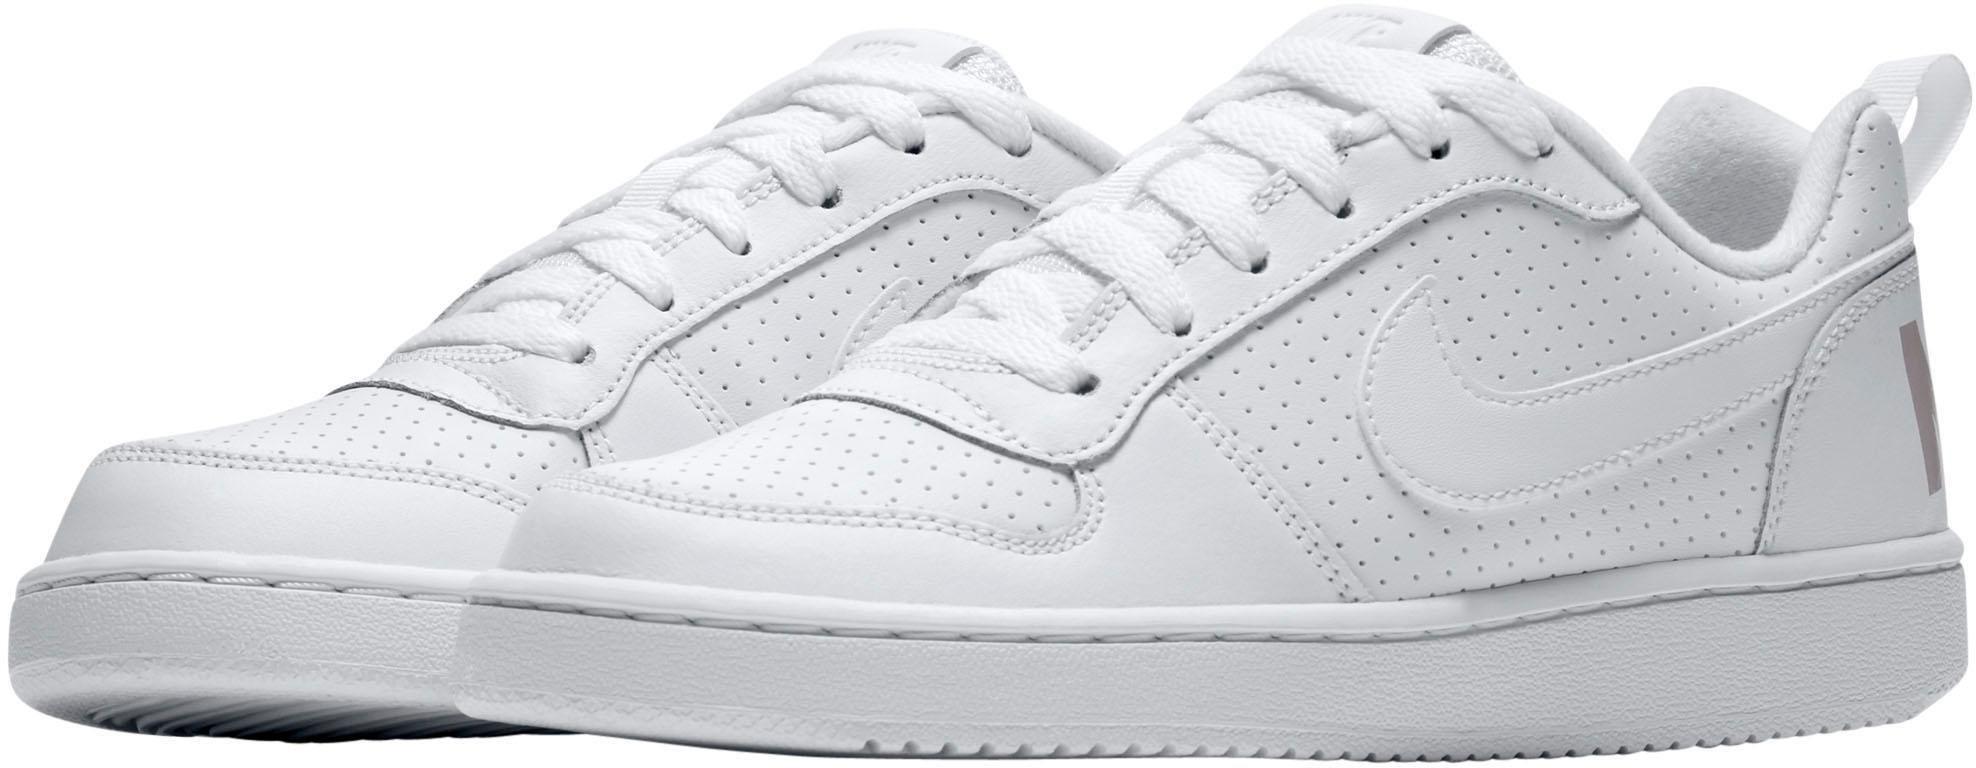 nike sportswear -  »Court Borough Low (GS)« Sneaker